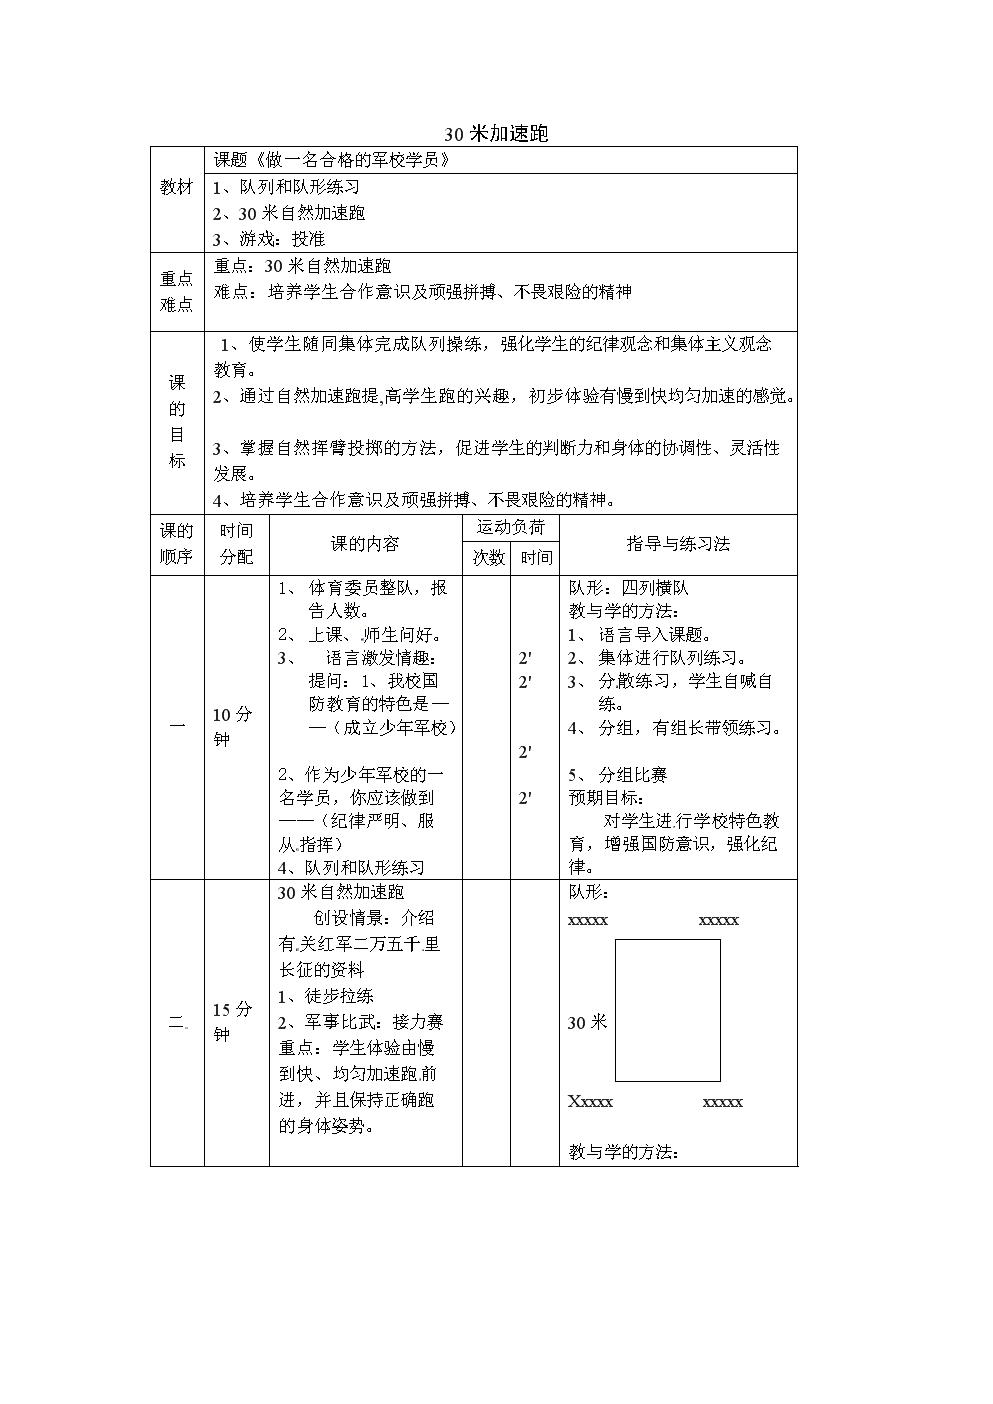 小学体育教案-30米加速跑 全国通用 (2).doc